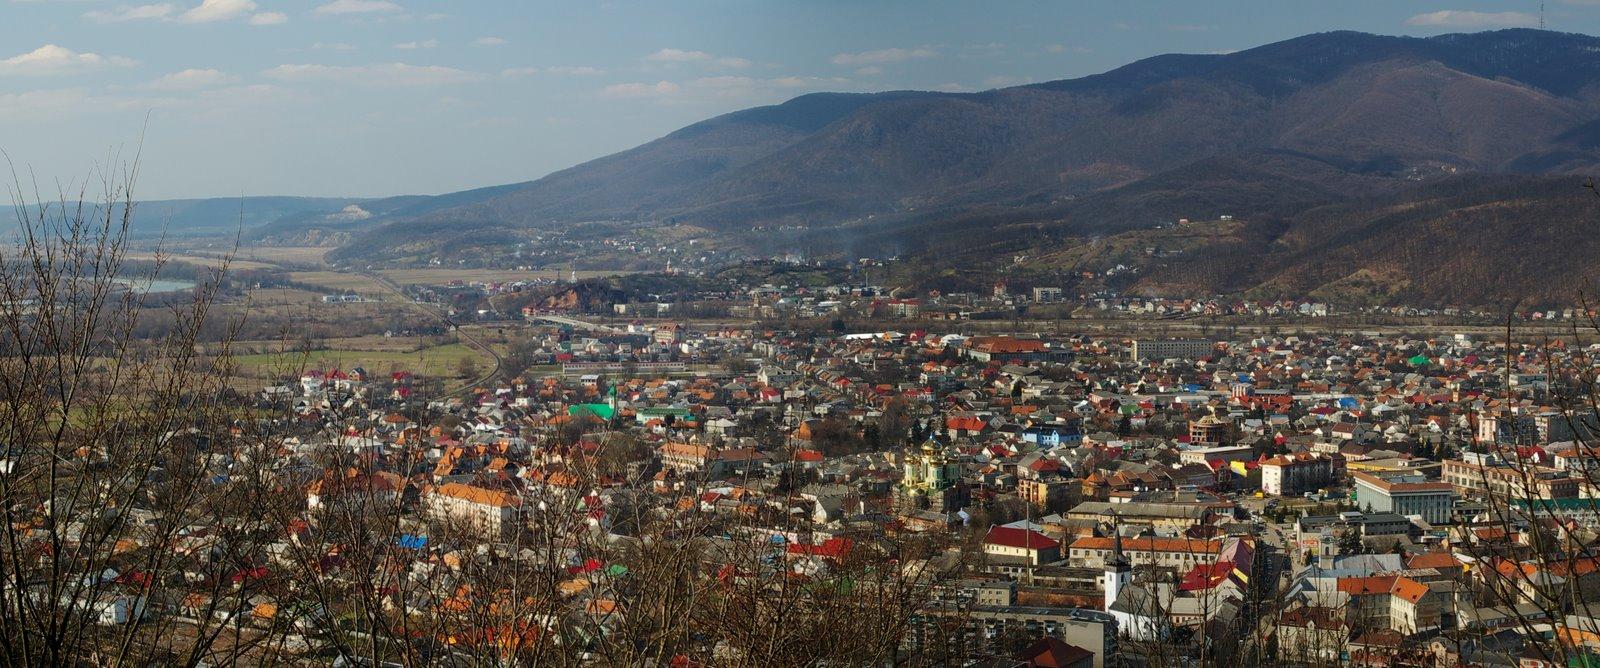 Ужгород — областной центр Закарпатской области